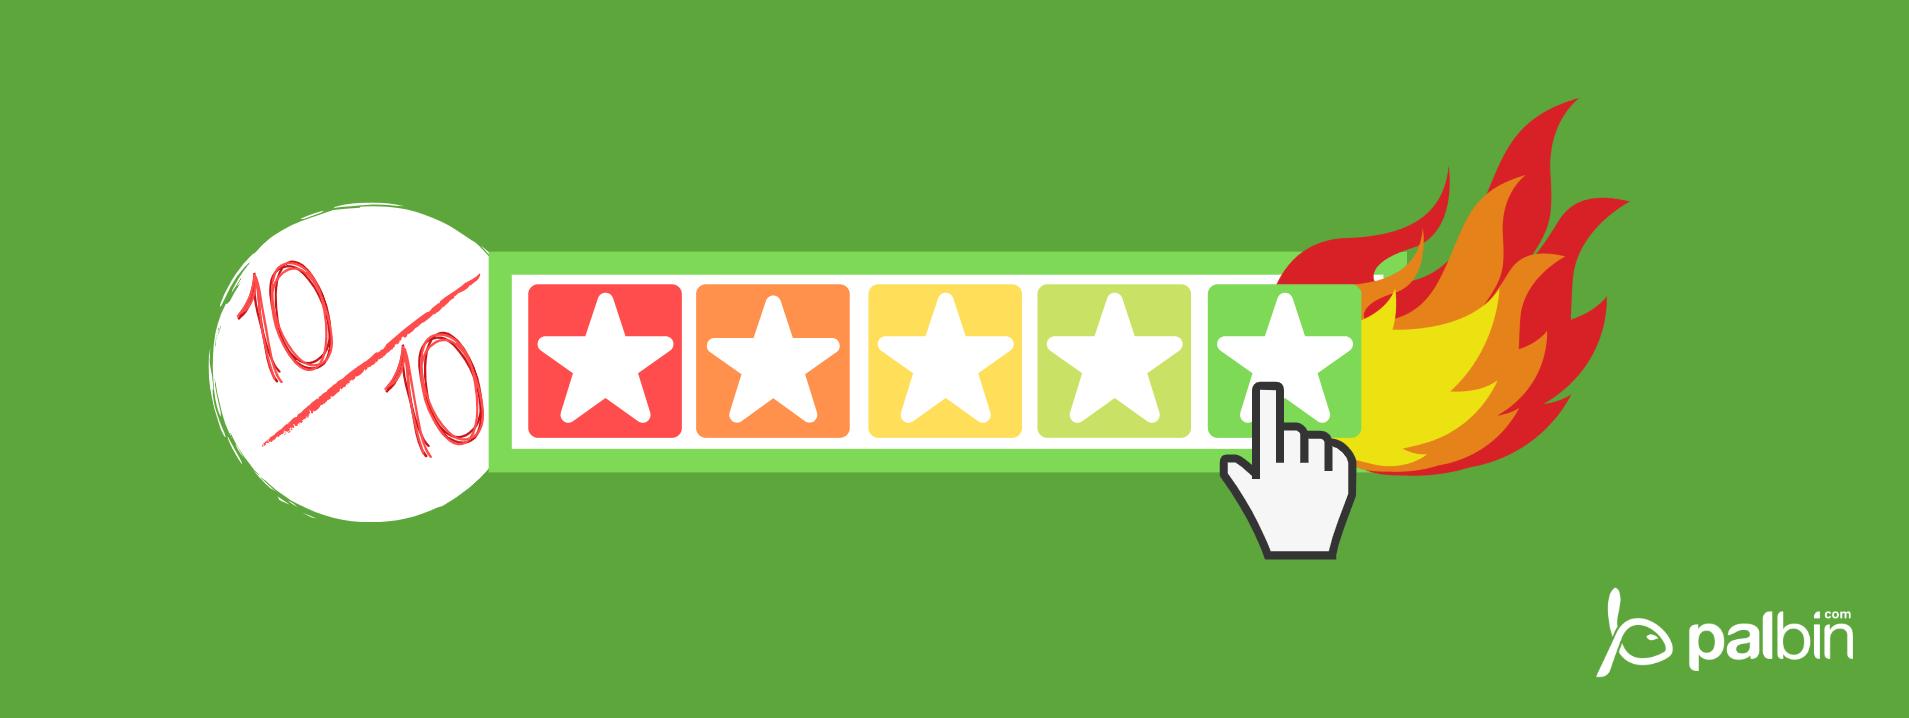 Las opiniones de clientes nos convierte en la mejor plataforma de tiendas online